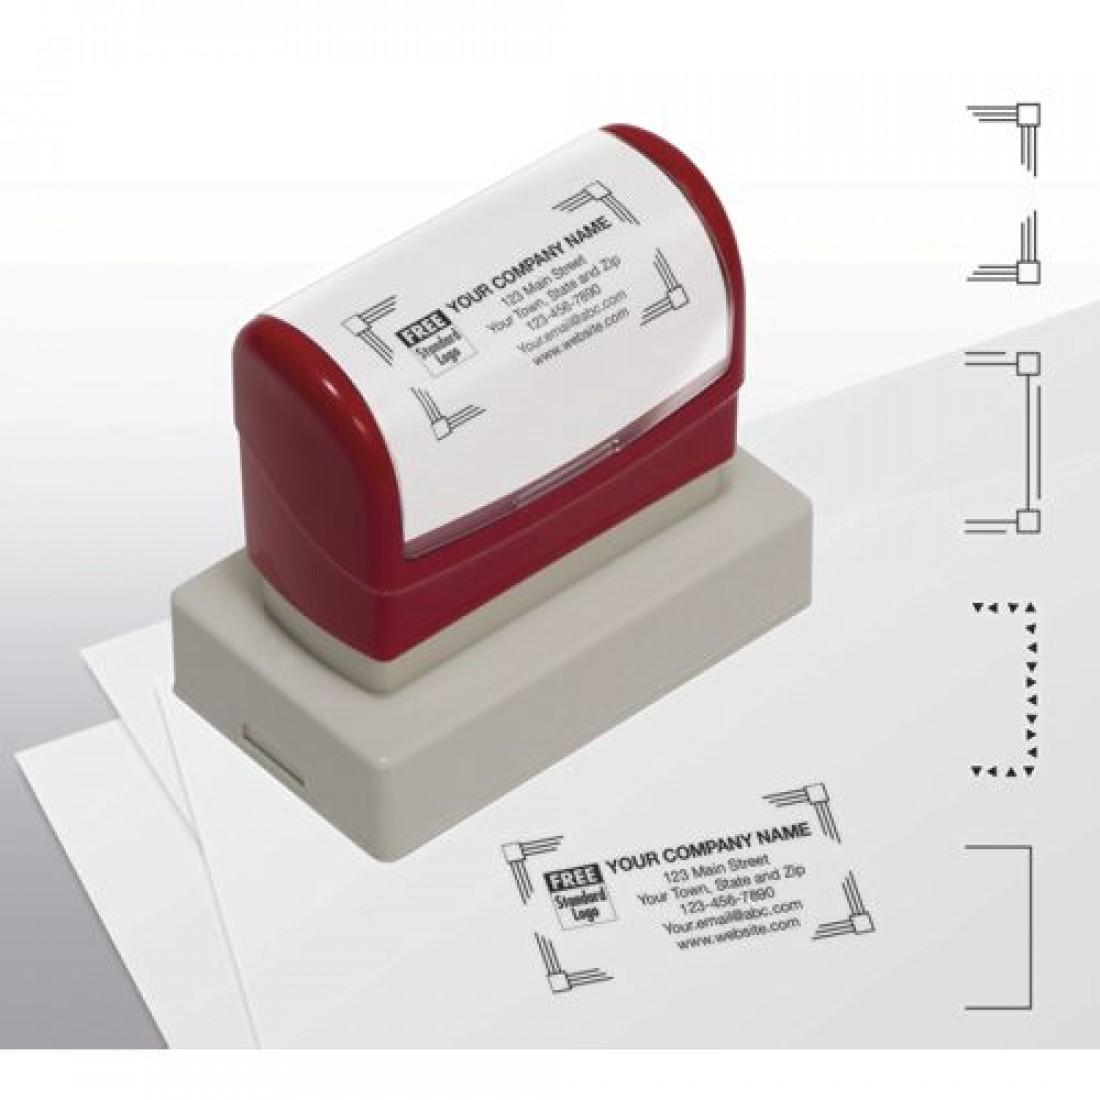 Name & Address Stamp, Large